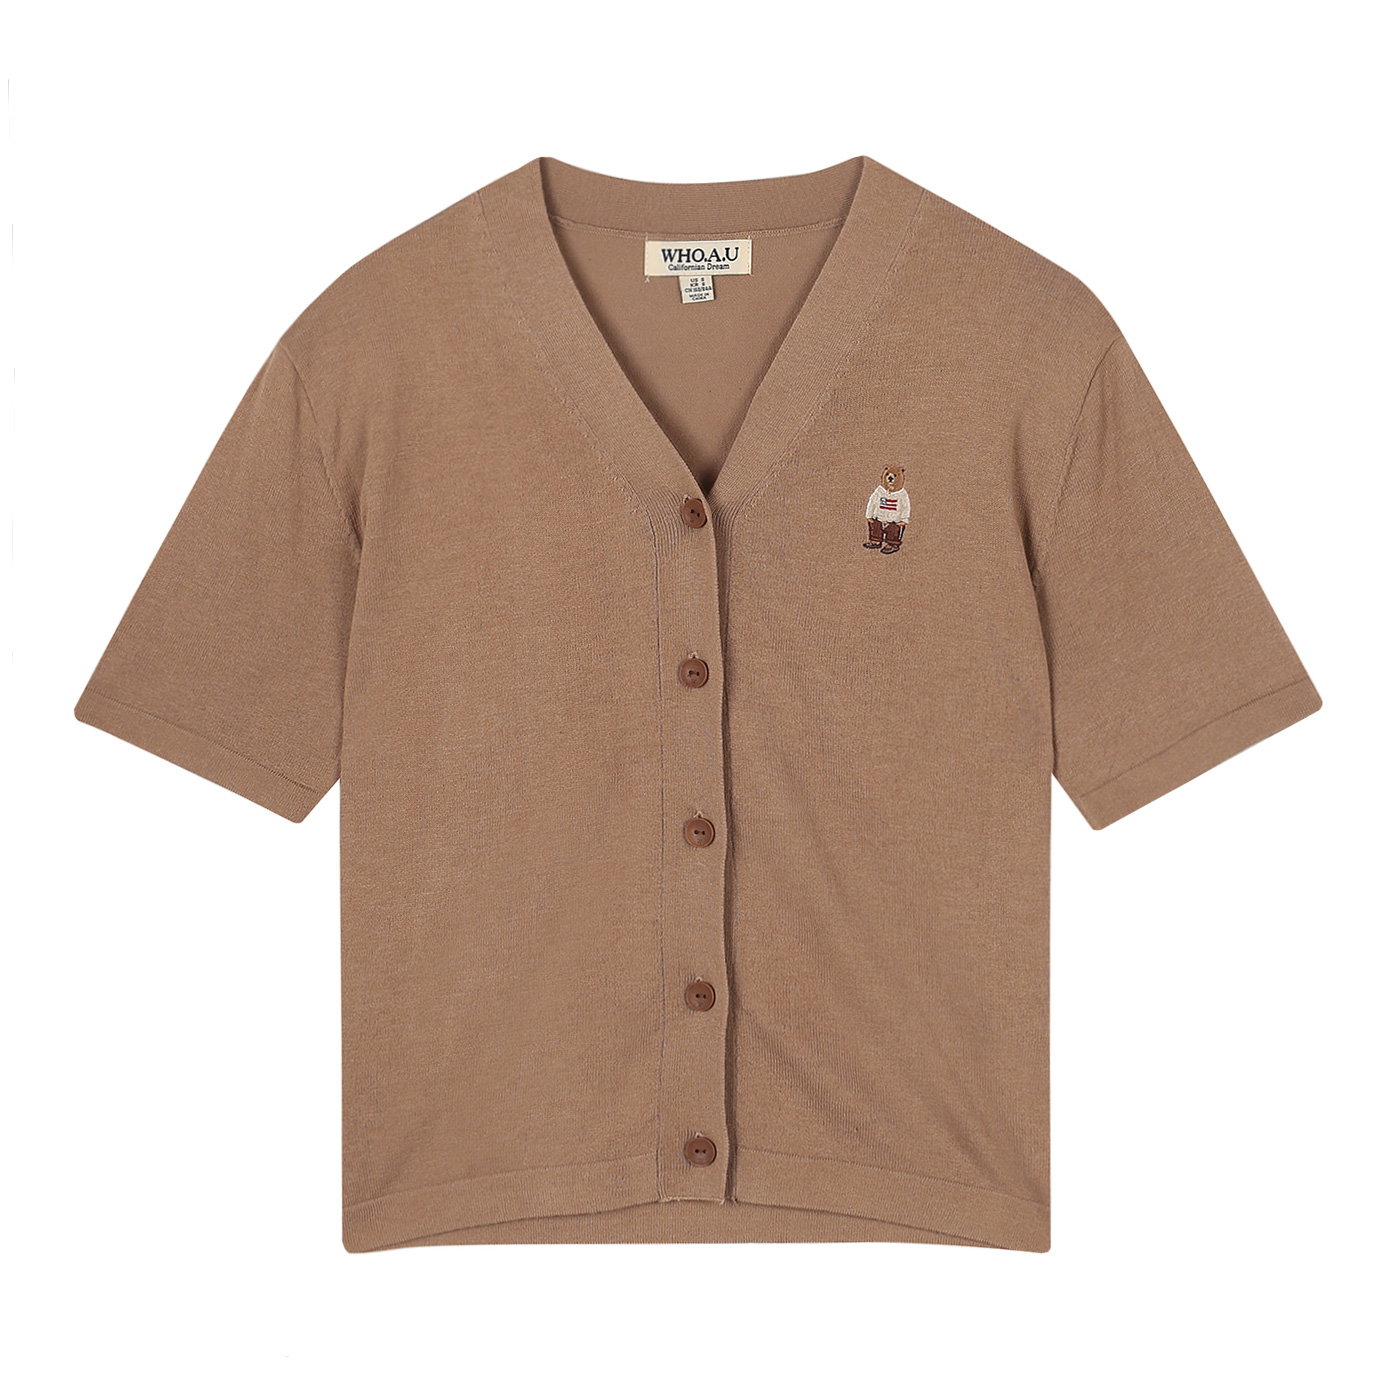 후아유 여성용 티브 반팔 스웨터 가디건 WHKAA3791F